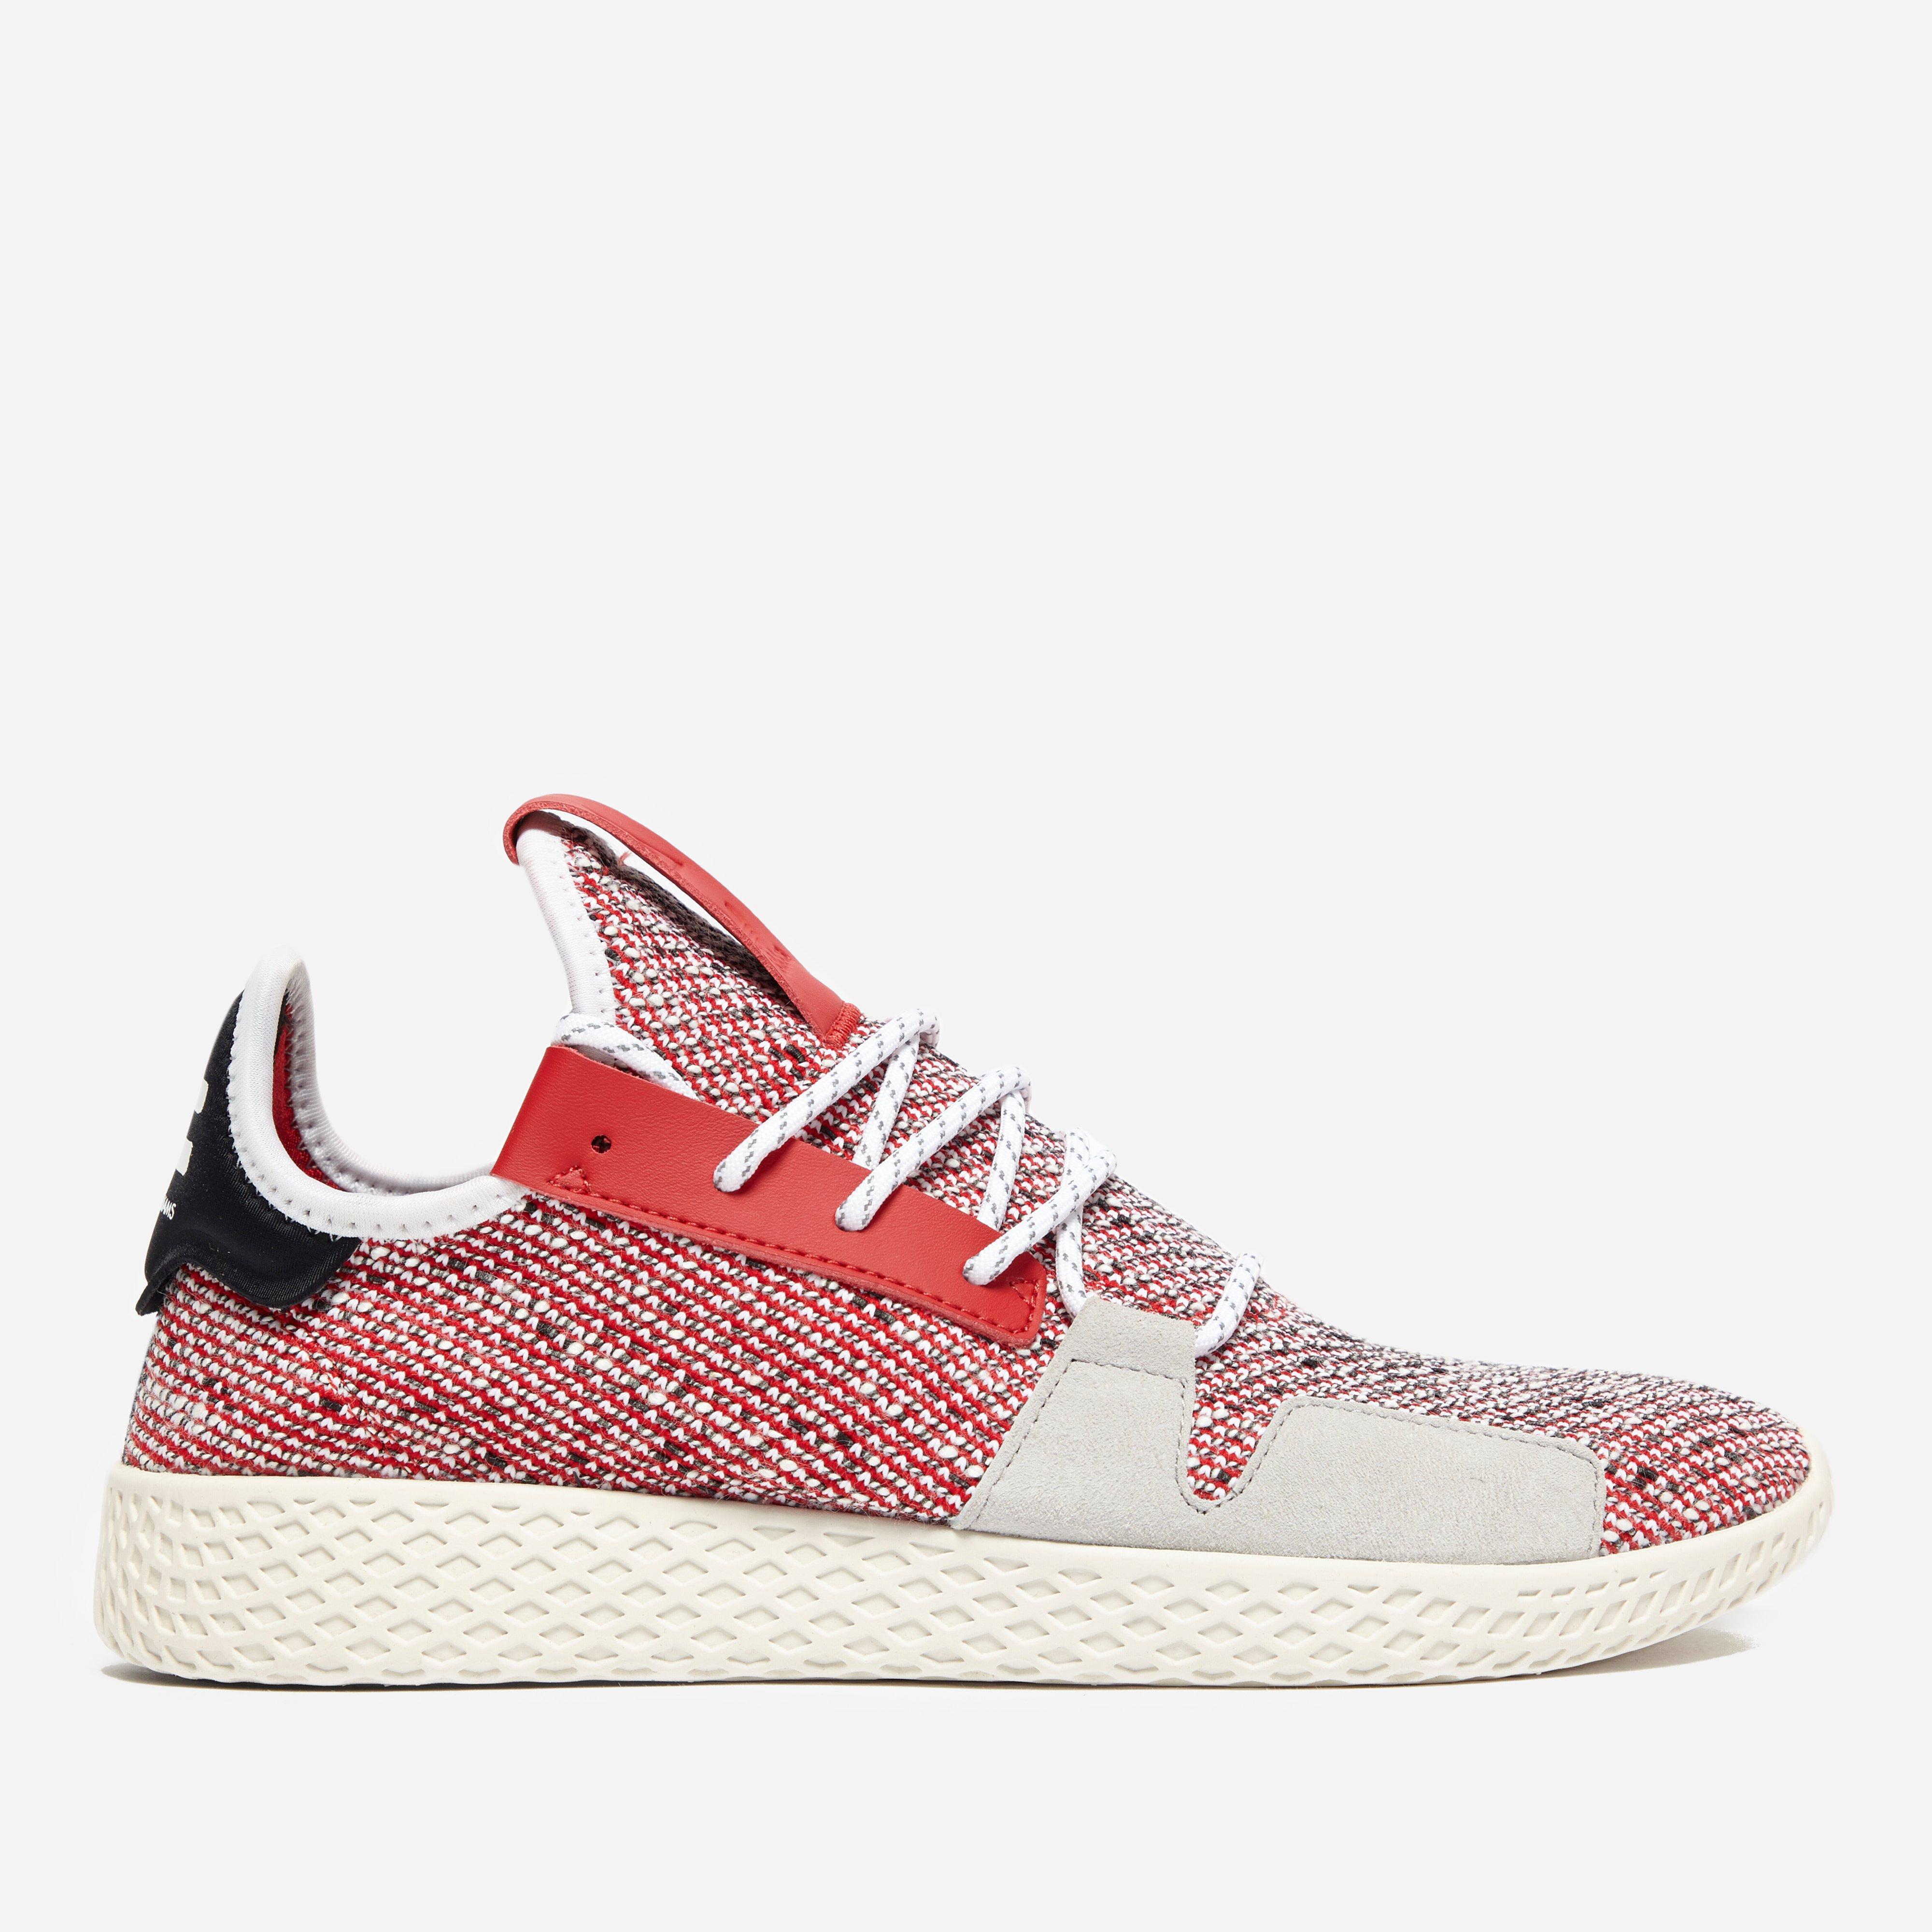 826b26682e9ad Adidas Originals - Red X Pharrell Williams Solar Hu Tennis V2  afro Pack   for. View fullscreen